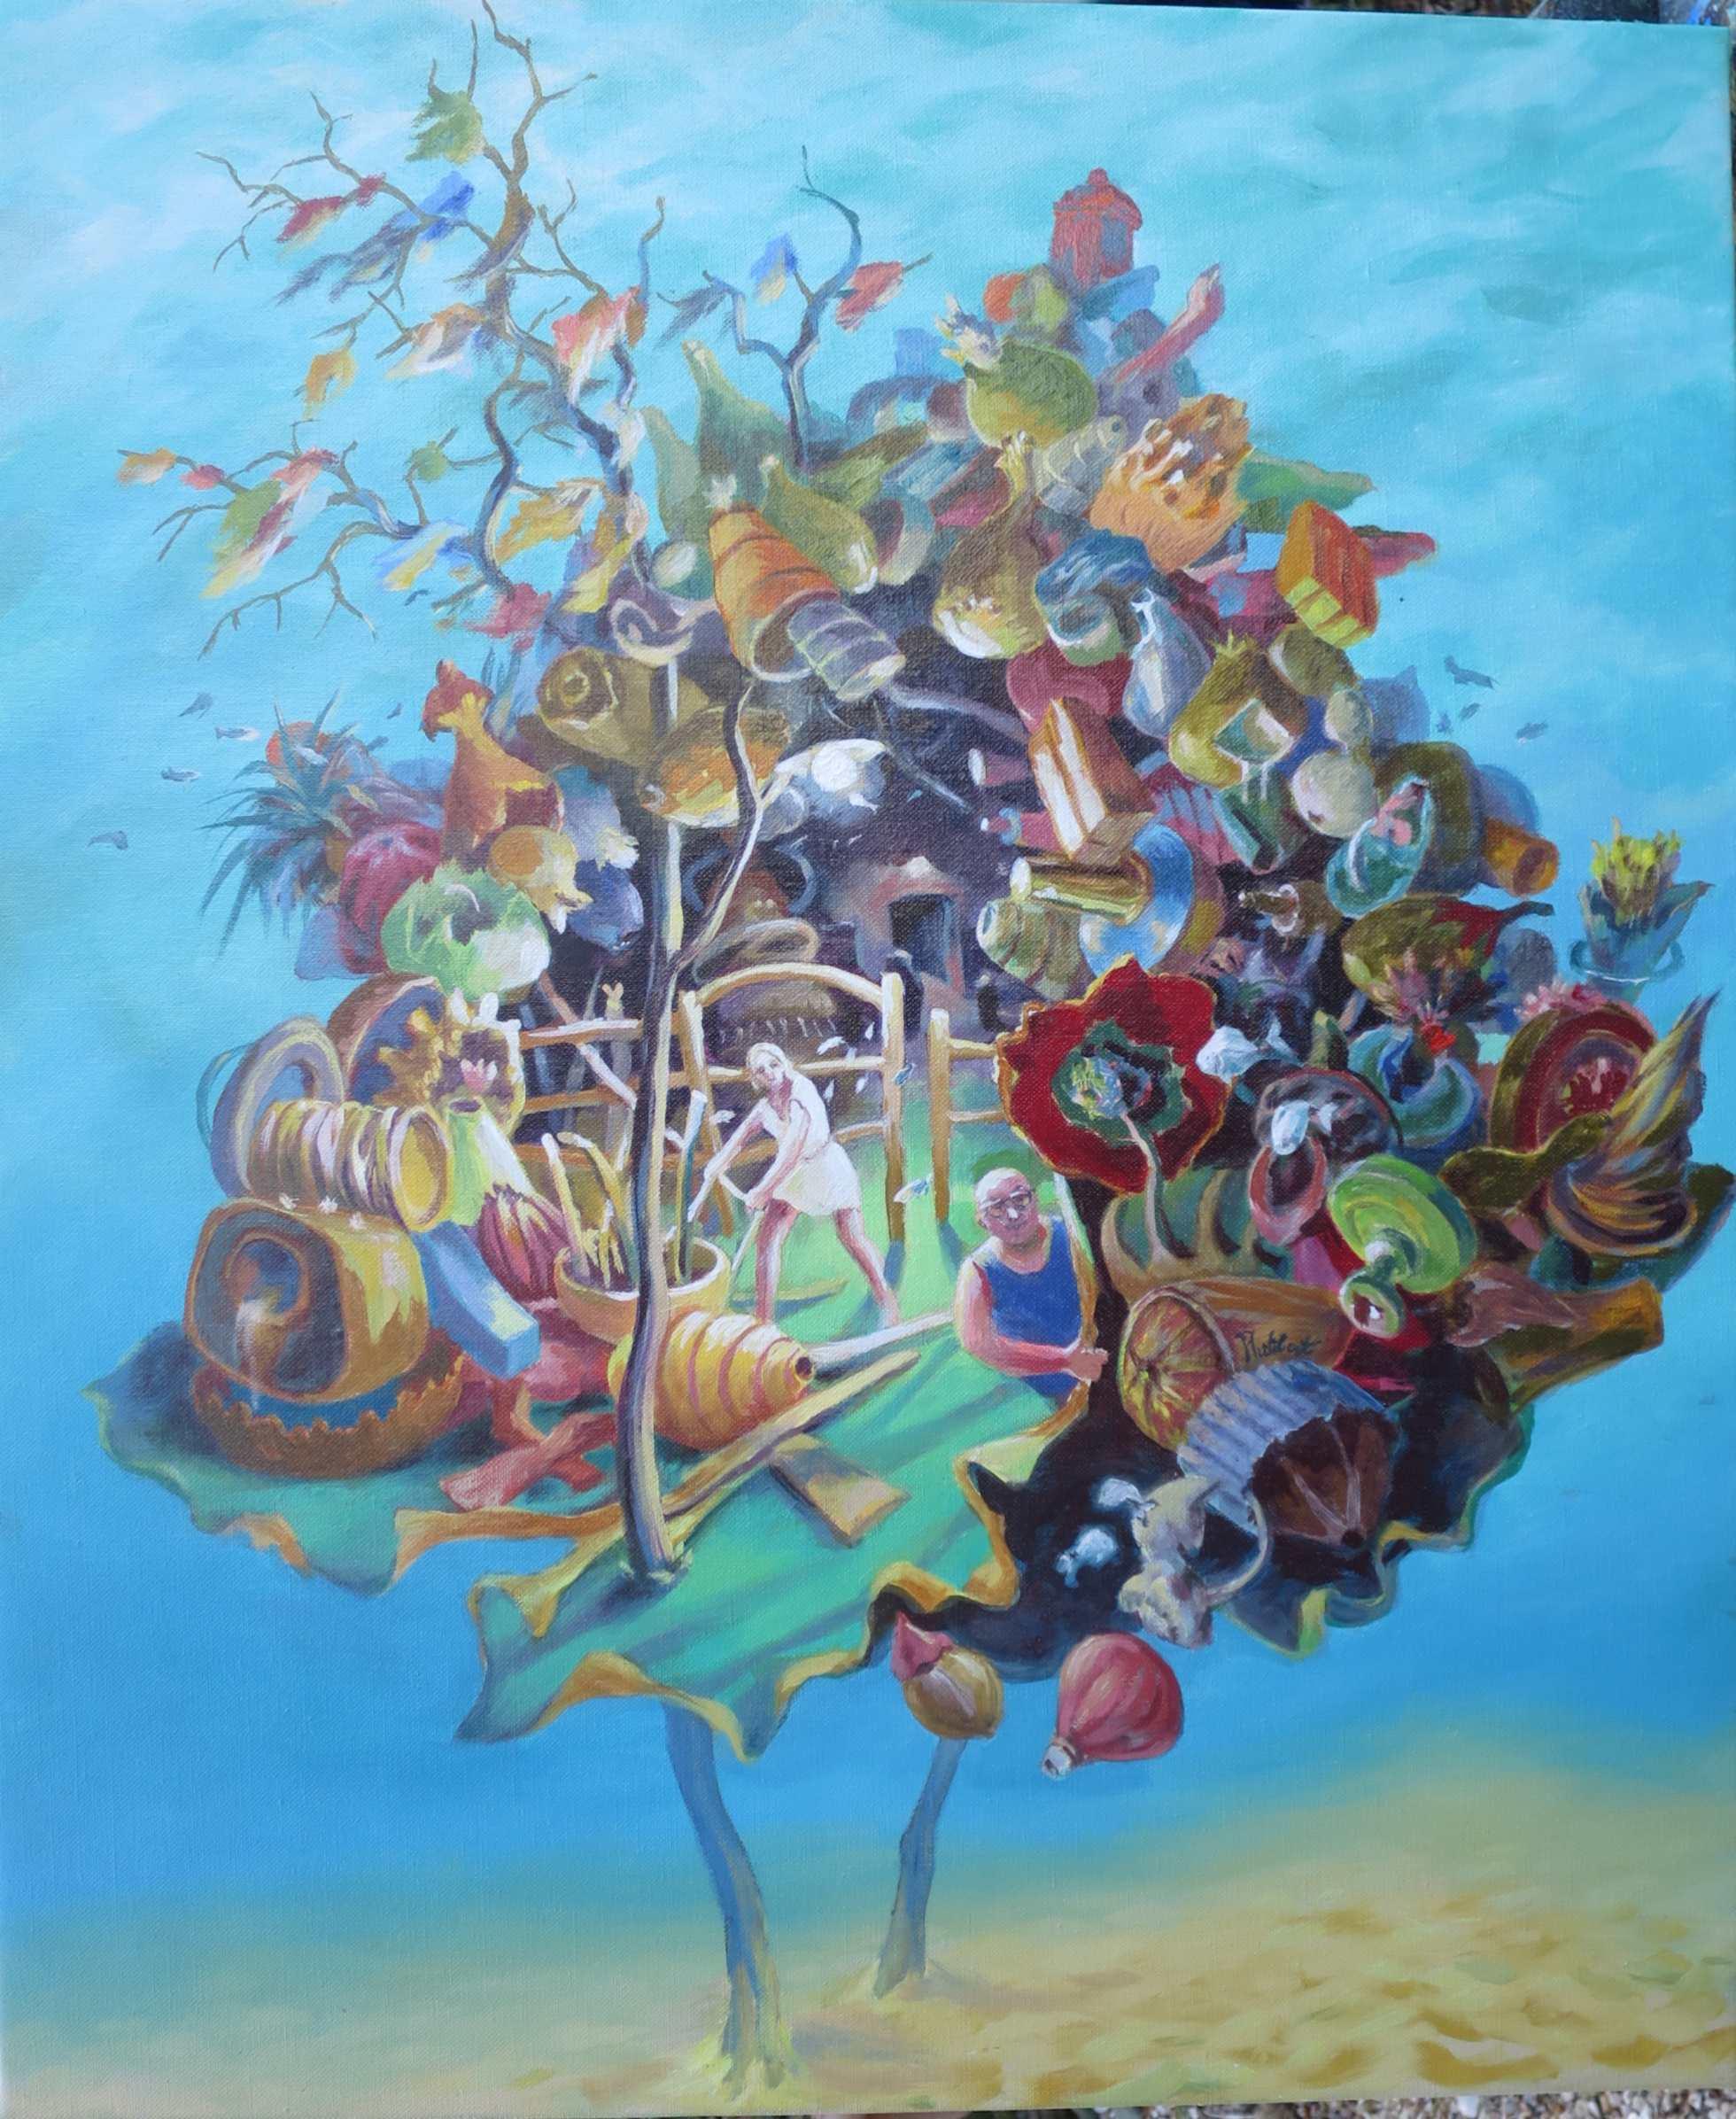 Le monde du silence, huile sur toile, 65 X 54cm, 2019